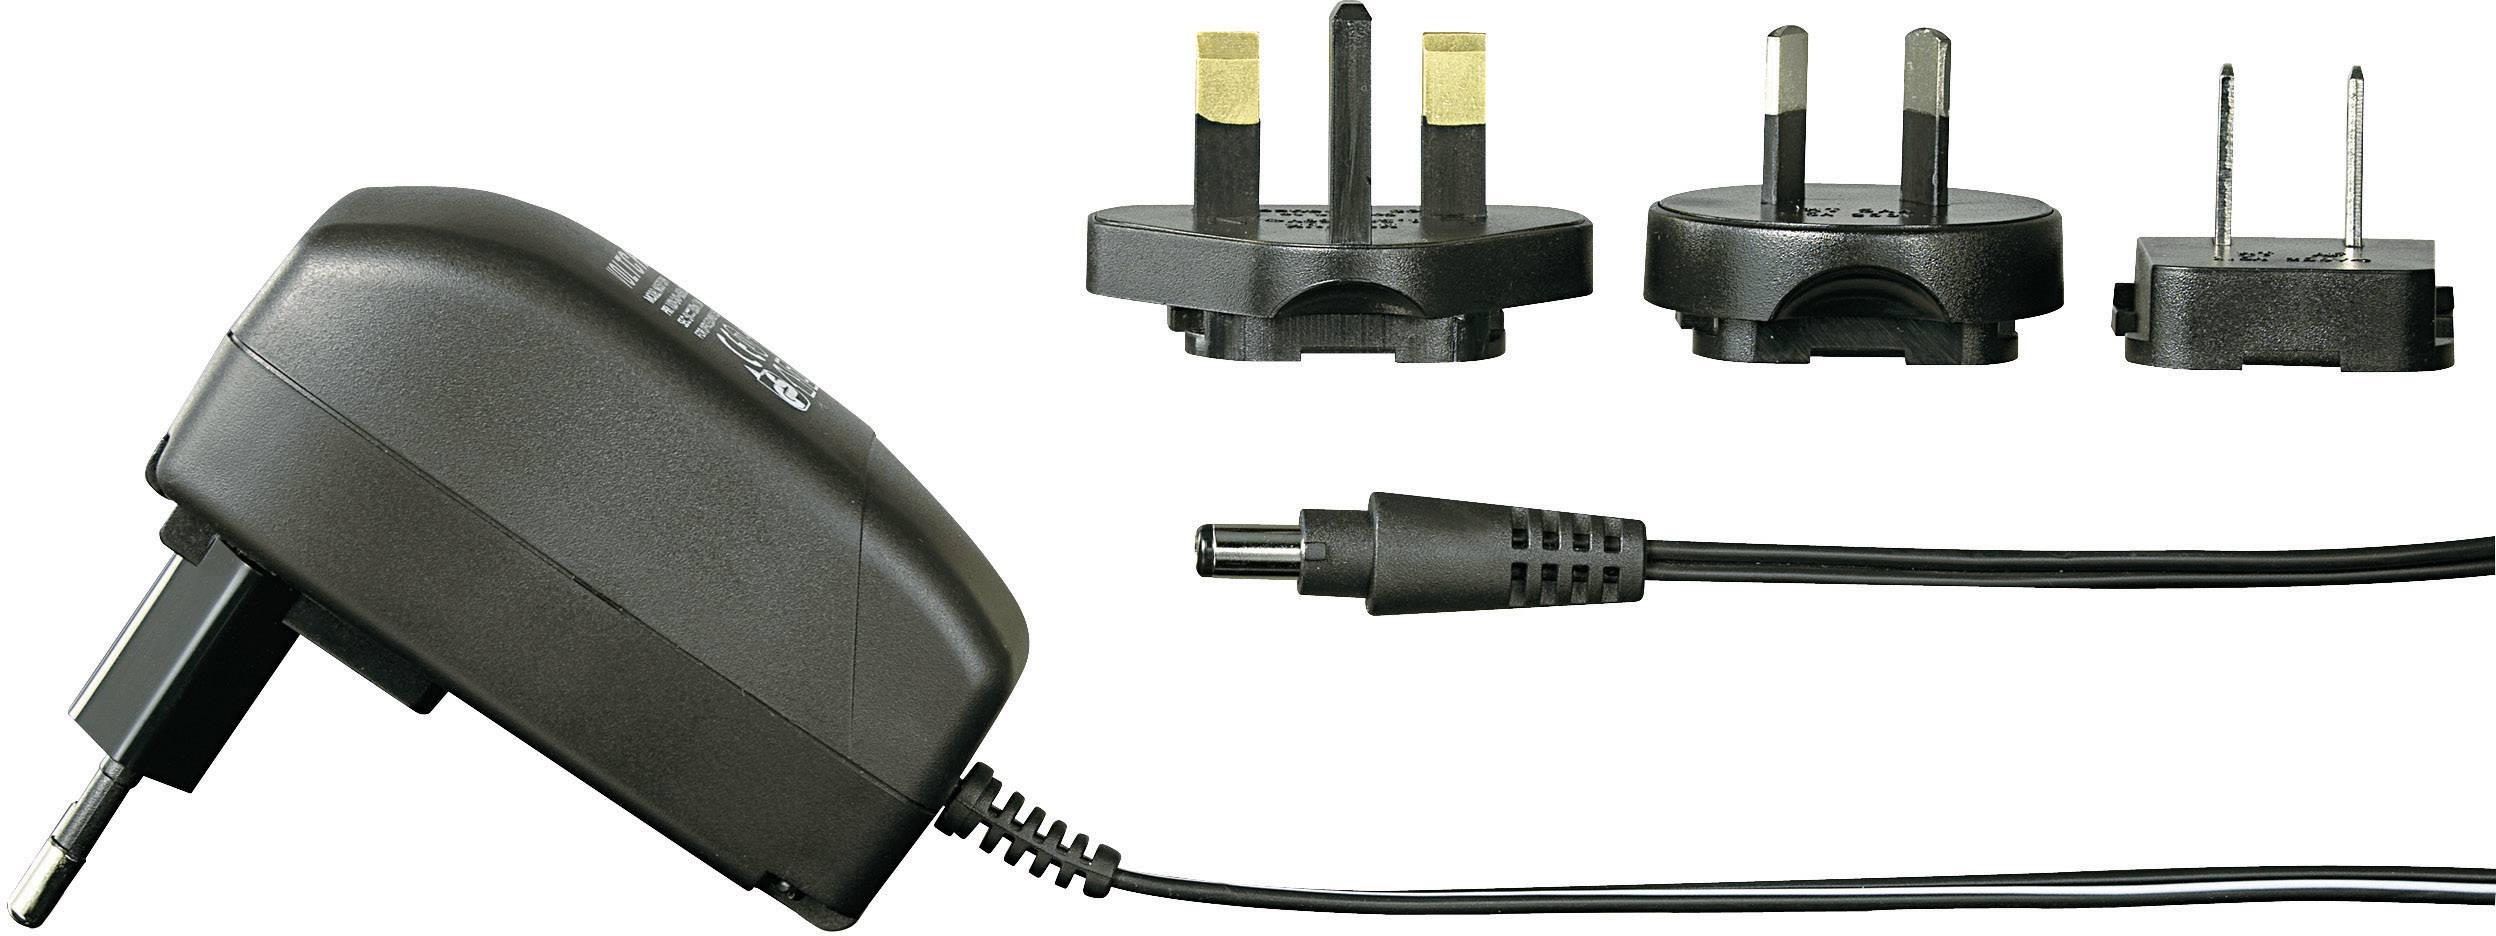 Síťový adaptér s redukcemi Voltcraft FPPS 5-7.5WP, 5 V/DC, 7.5 W